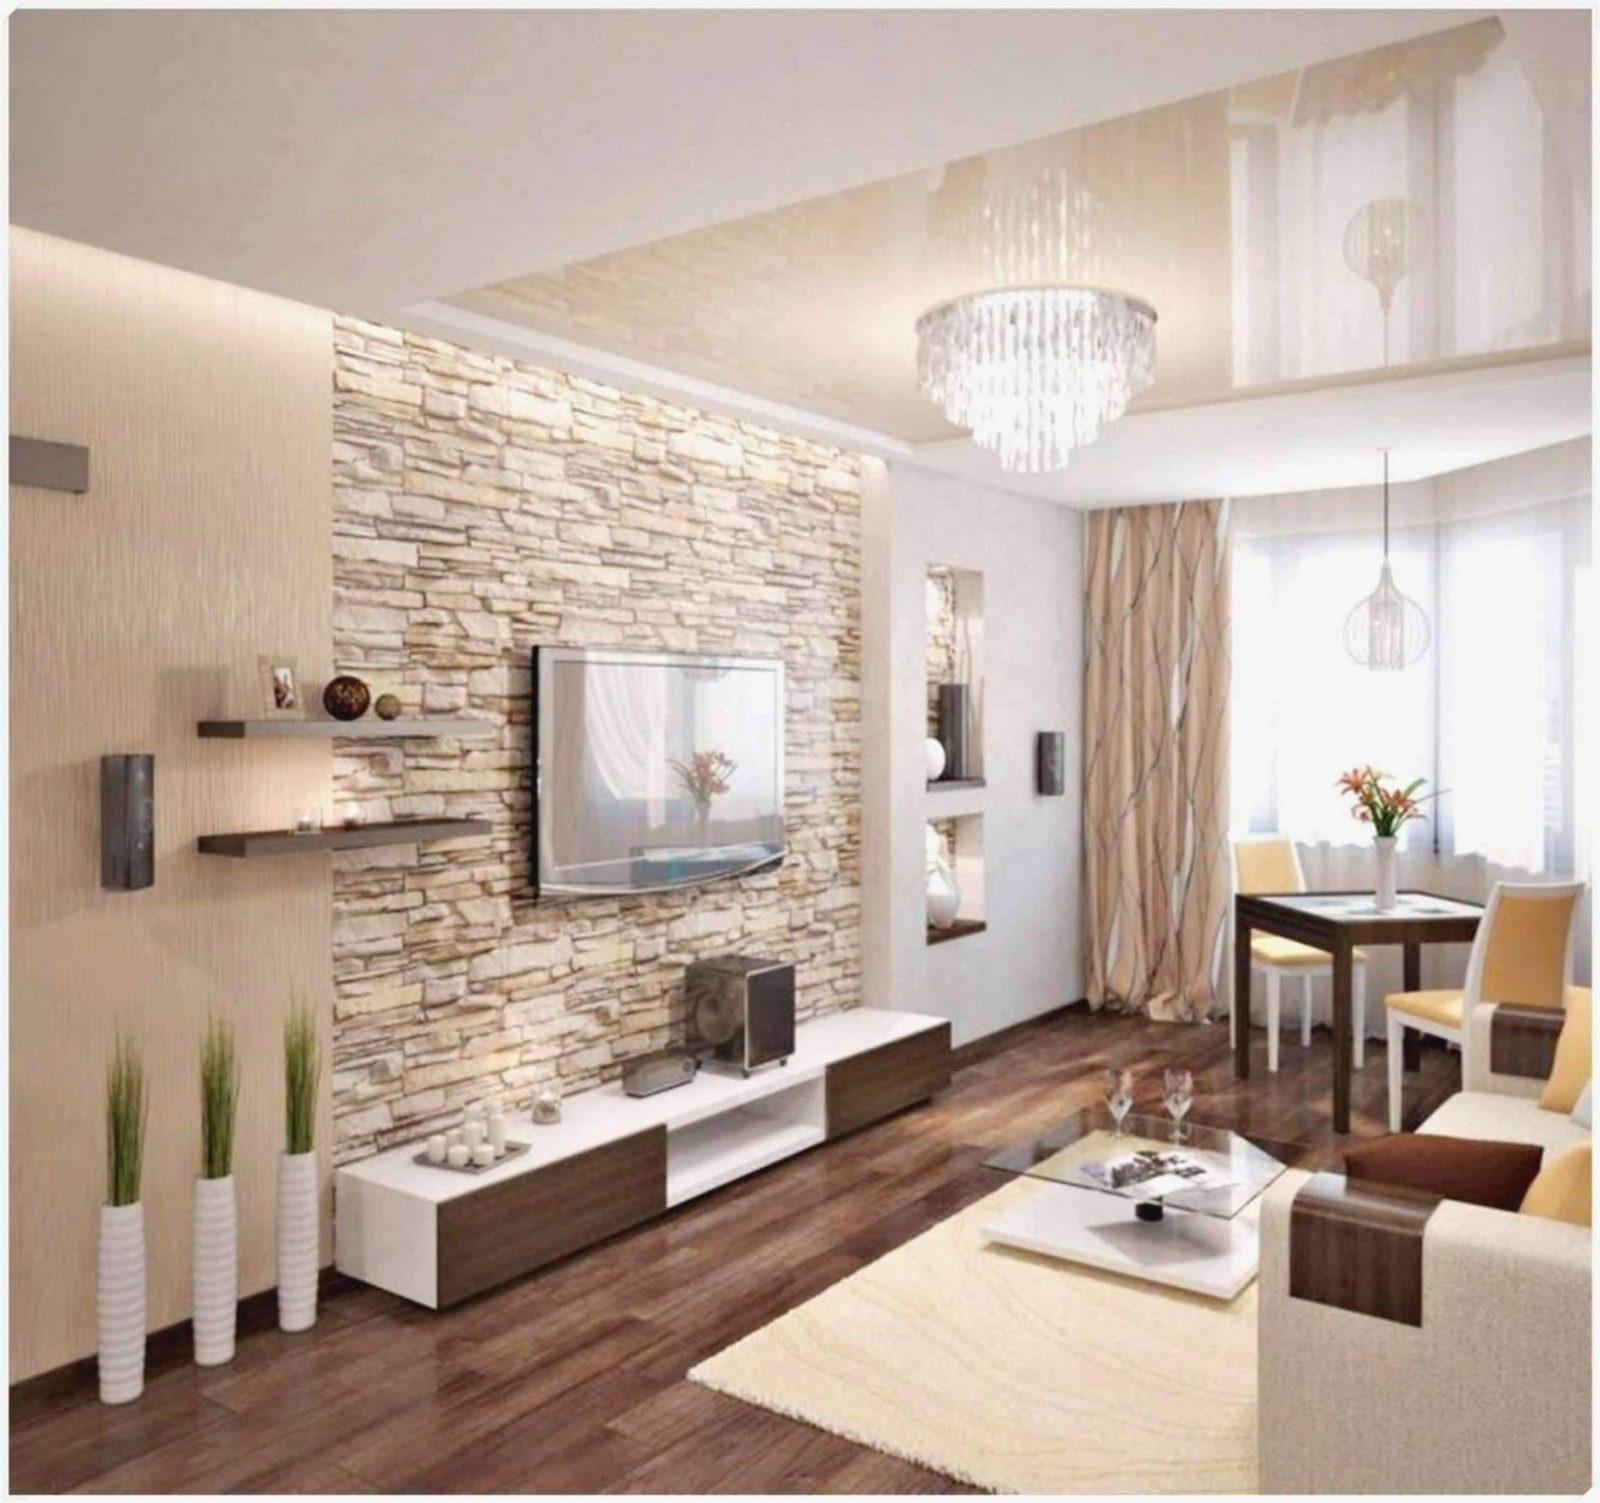 Deko Wand Wohnzimmer Frisch Luxury Dekoration Wohnzimmer von Dekoration Für Die Wand Bild